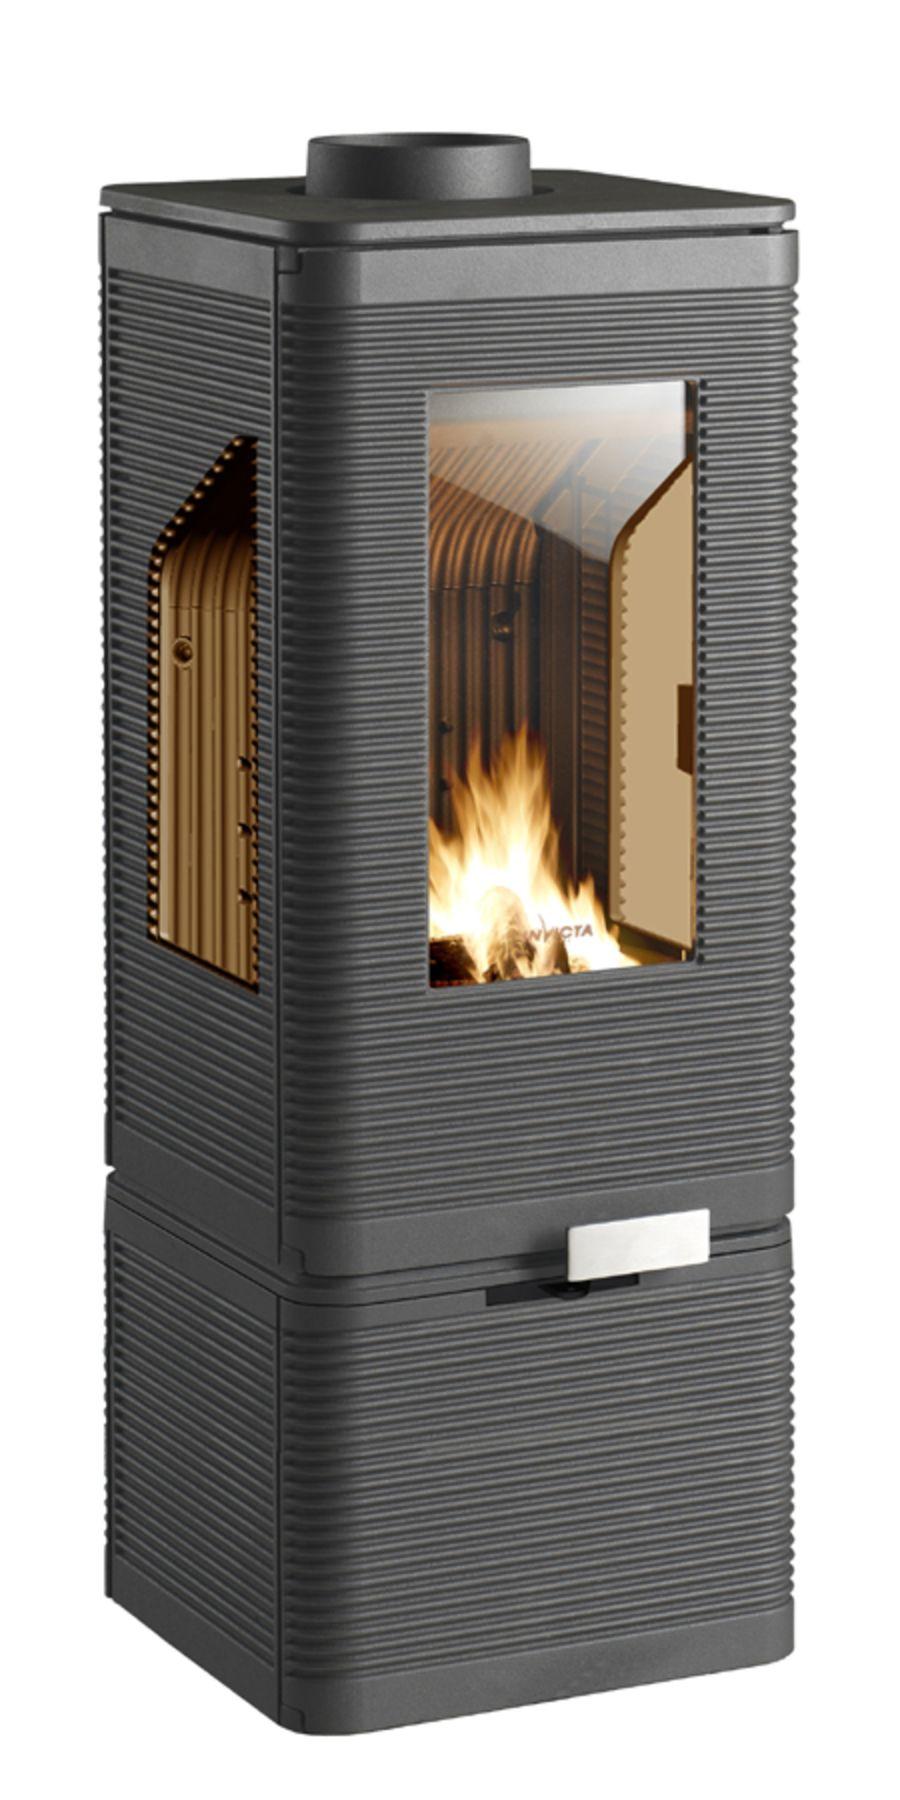 Invicta Iwaki 7kW Ecodesign 2022 Cast Iron Wood Stove on base